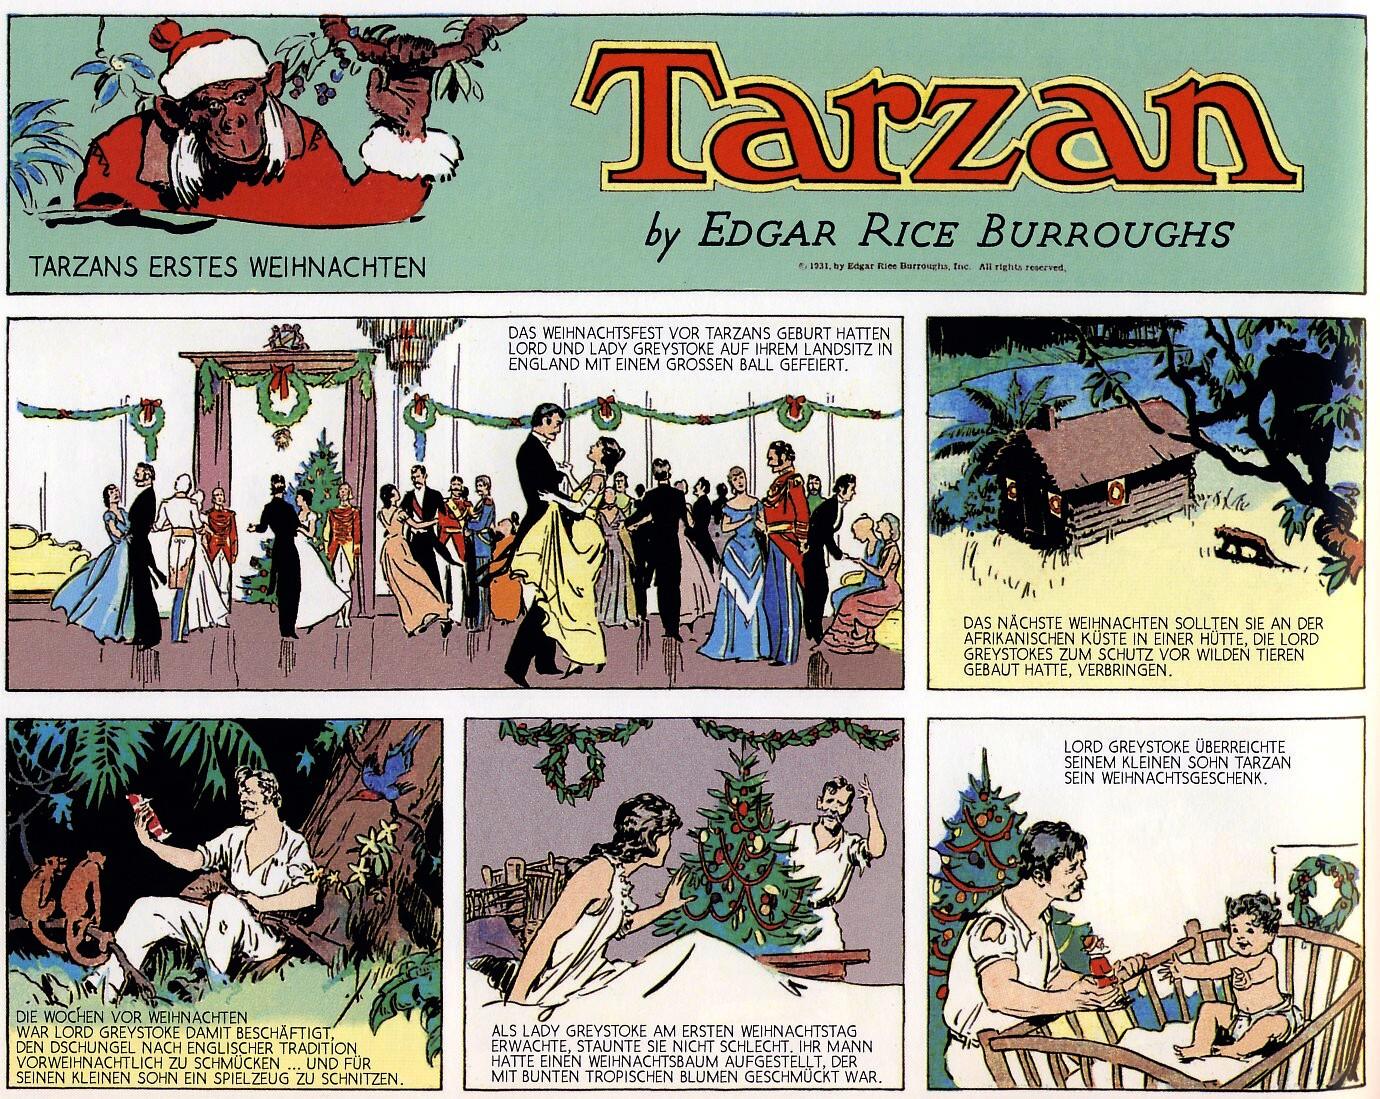 Tarzans erstes Weihnachten